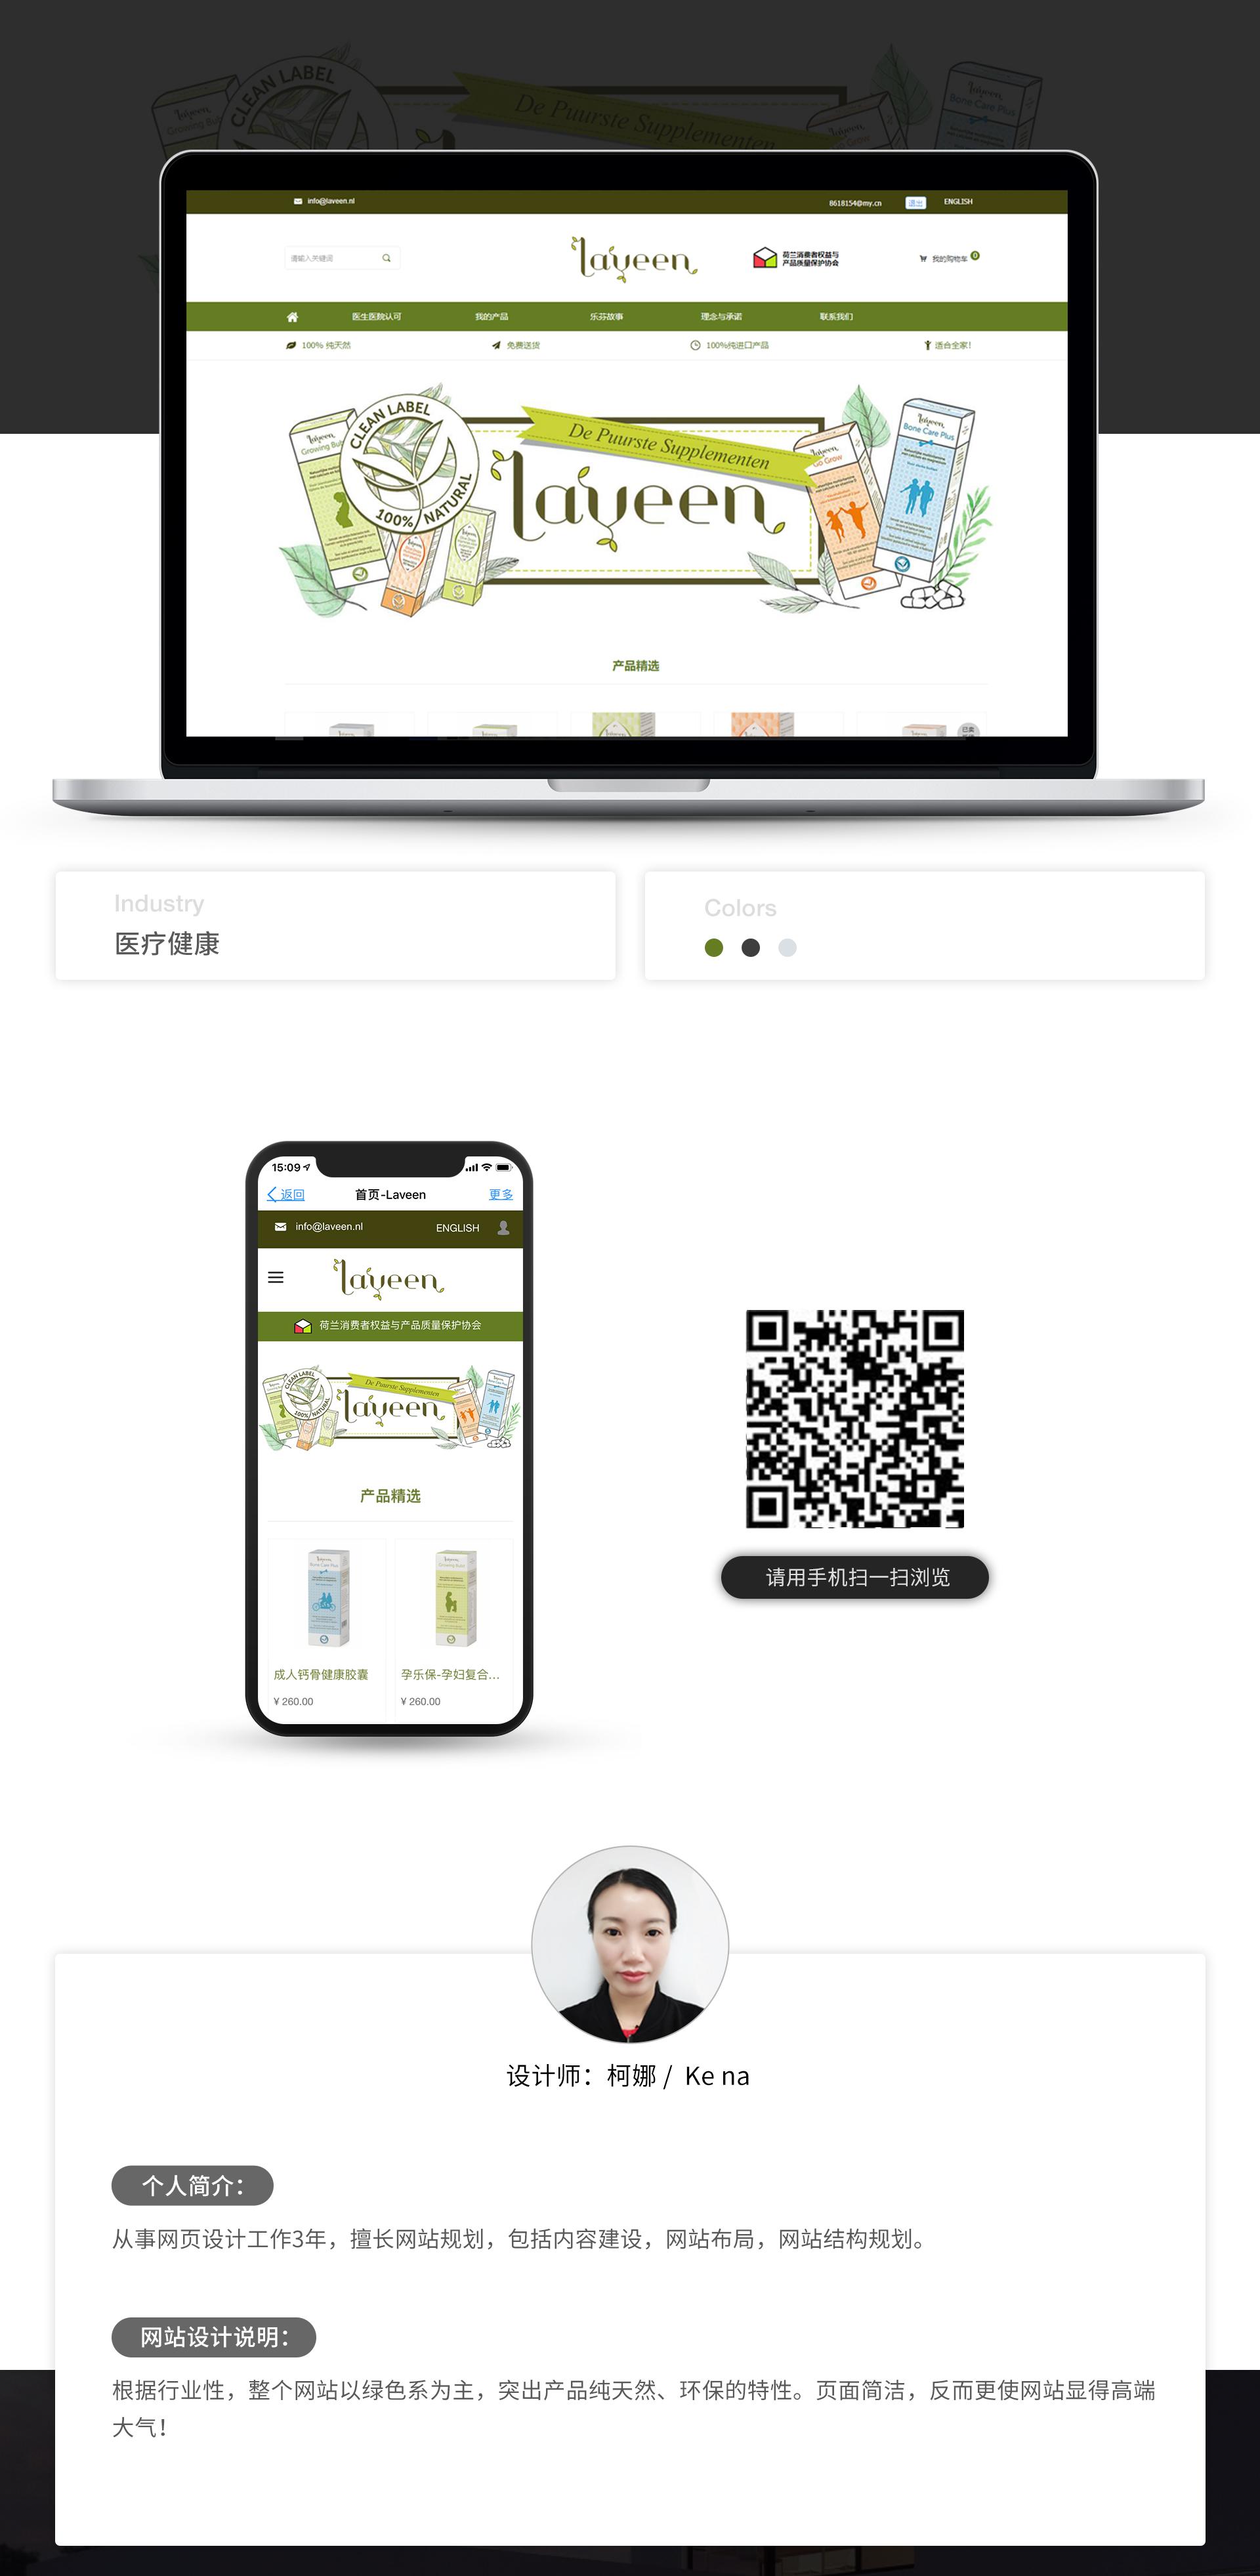 页面-柯娜-柯娜设计说明_01